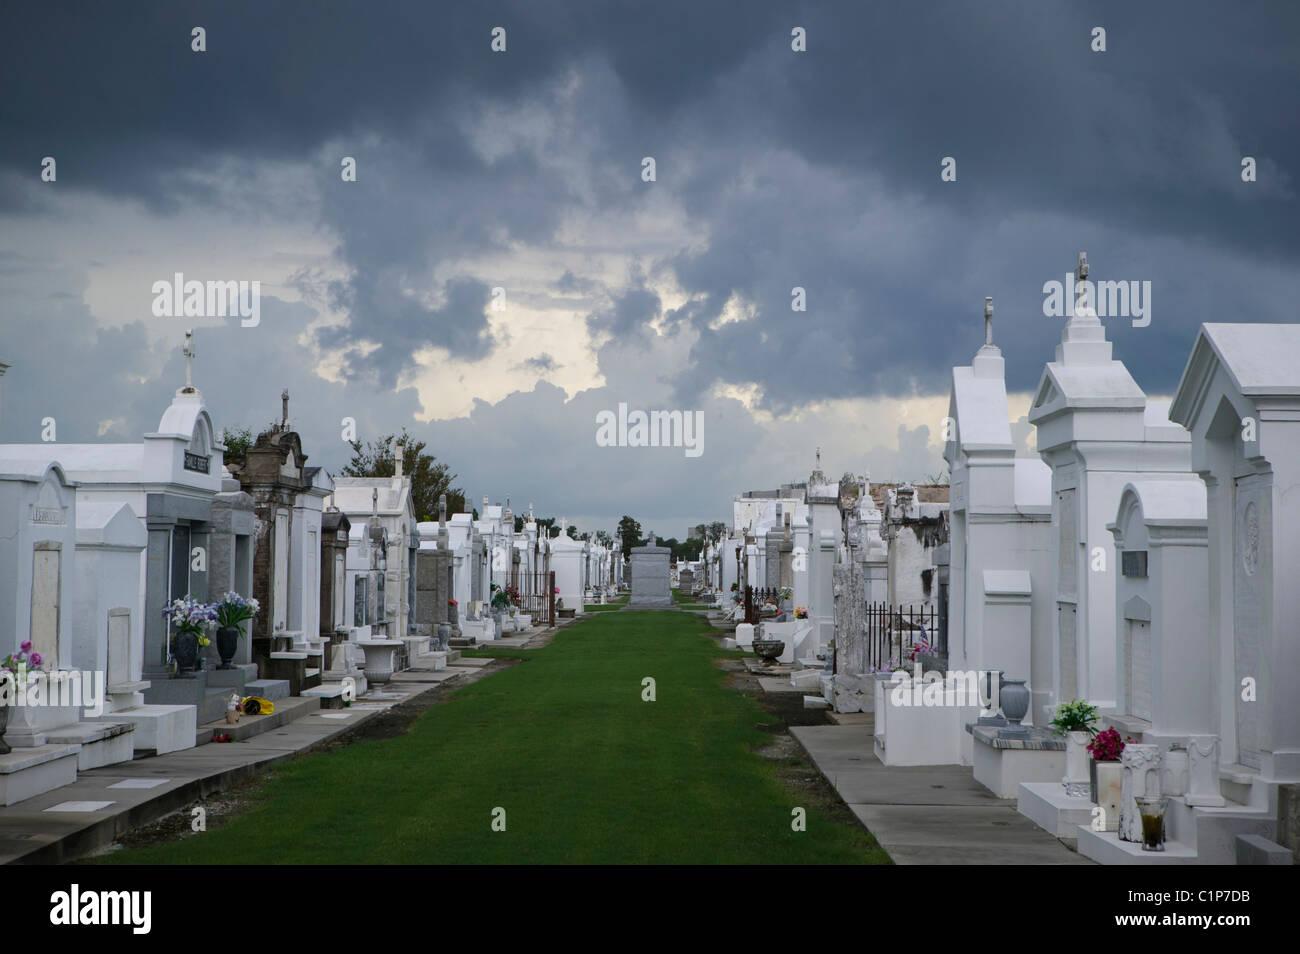 Lou Ravi n° 1 avec les nuages gris, La Nouvelle-Orléans Photo Stock